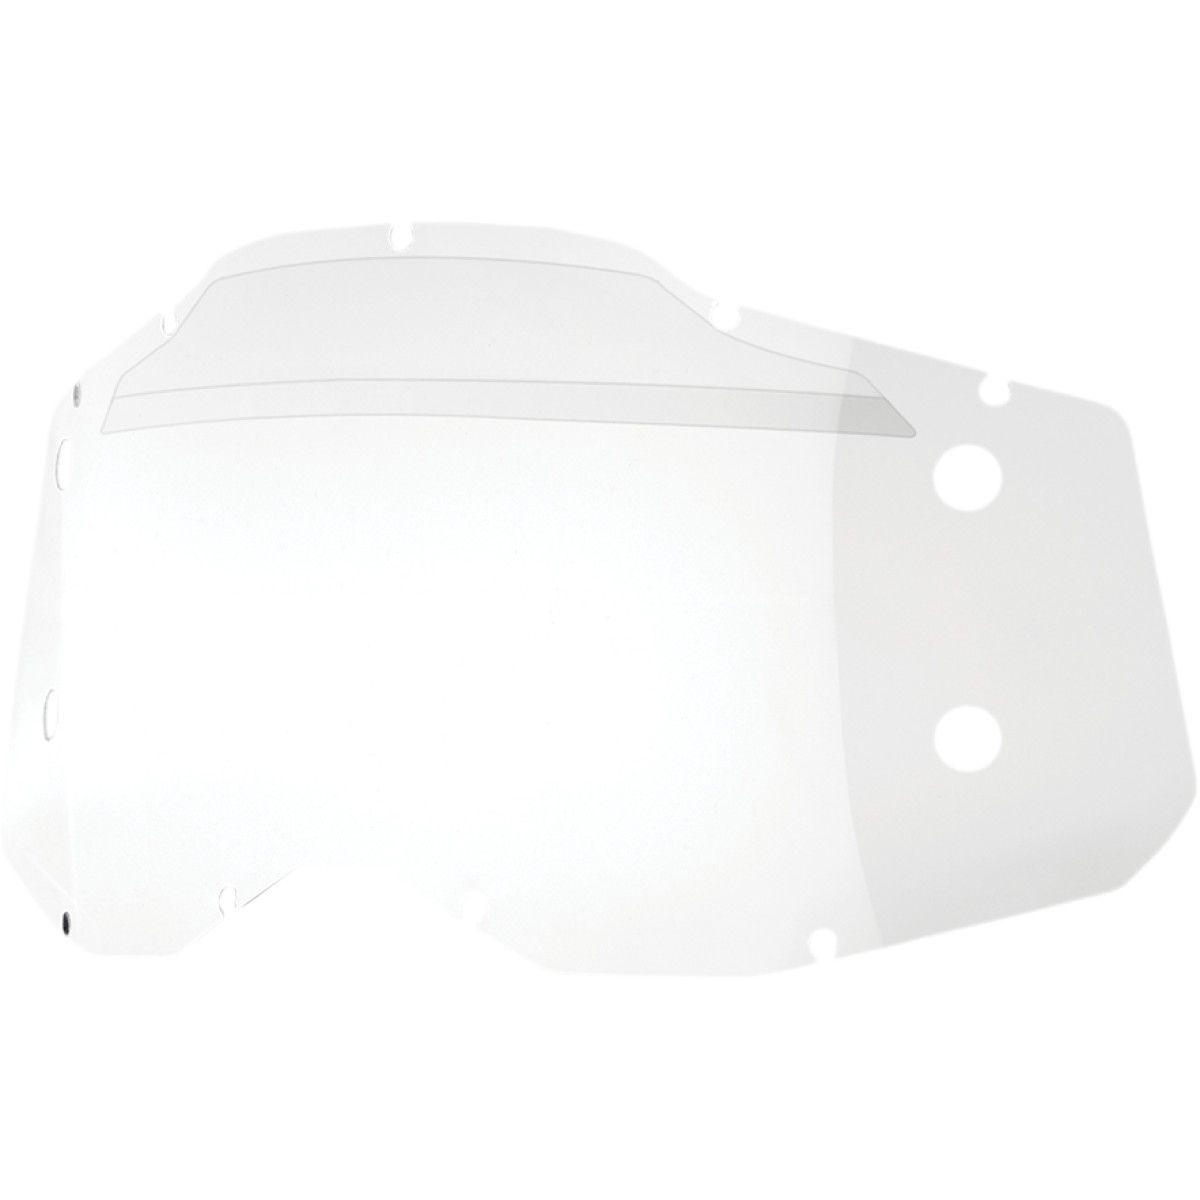 100% Forecast 2 roll-off lens zonder puntjes